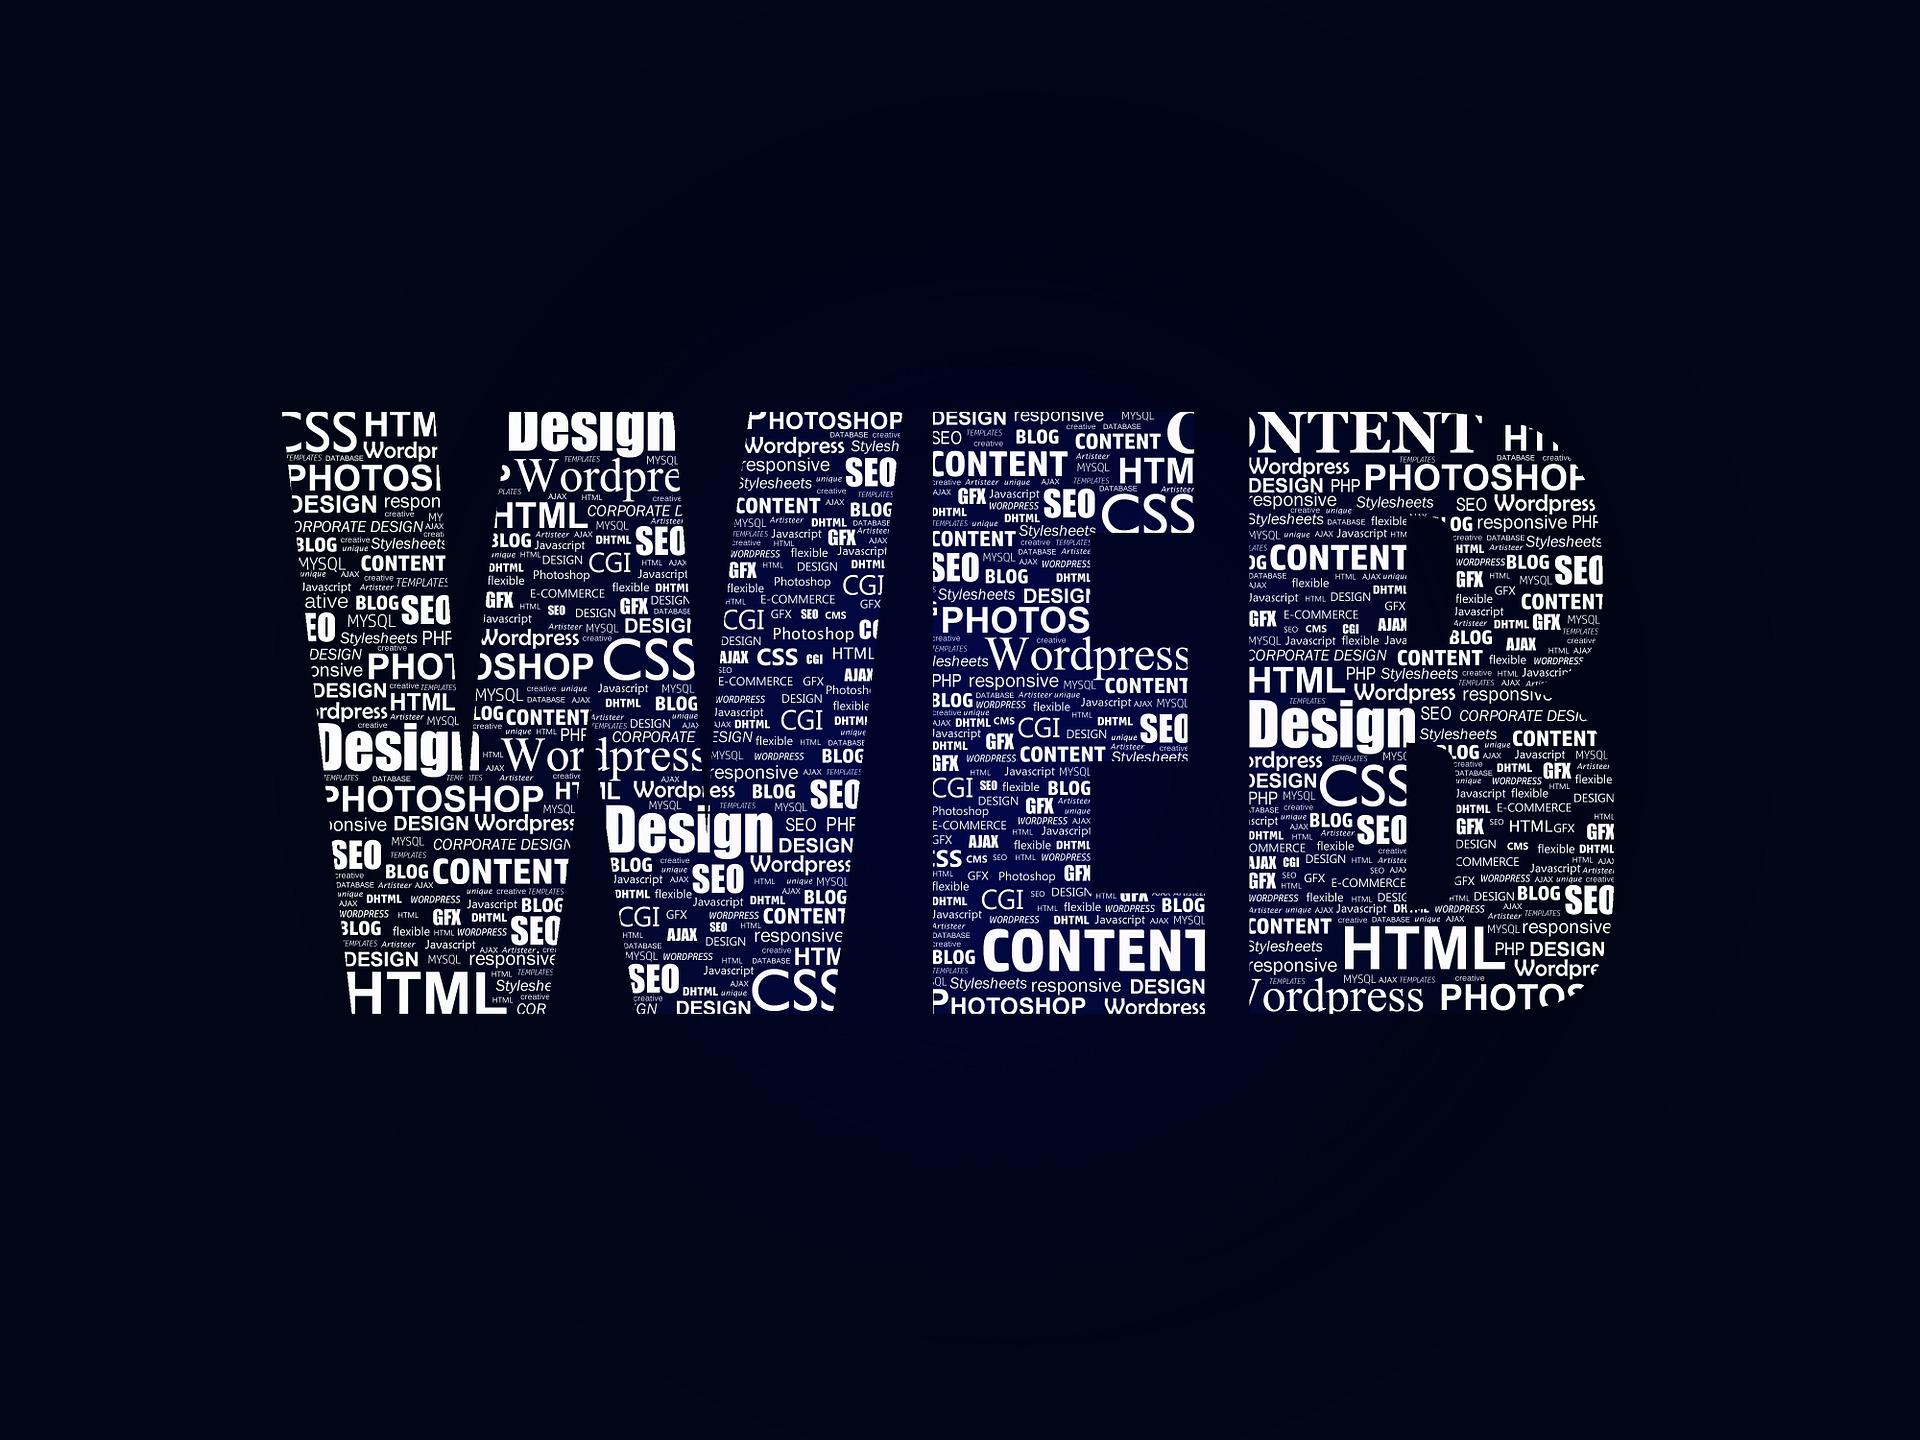 【セミナー会員限定】Google、Yahoo!集客のデメリットと対策 [資料+テキスト]